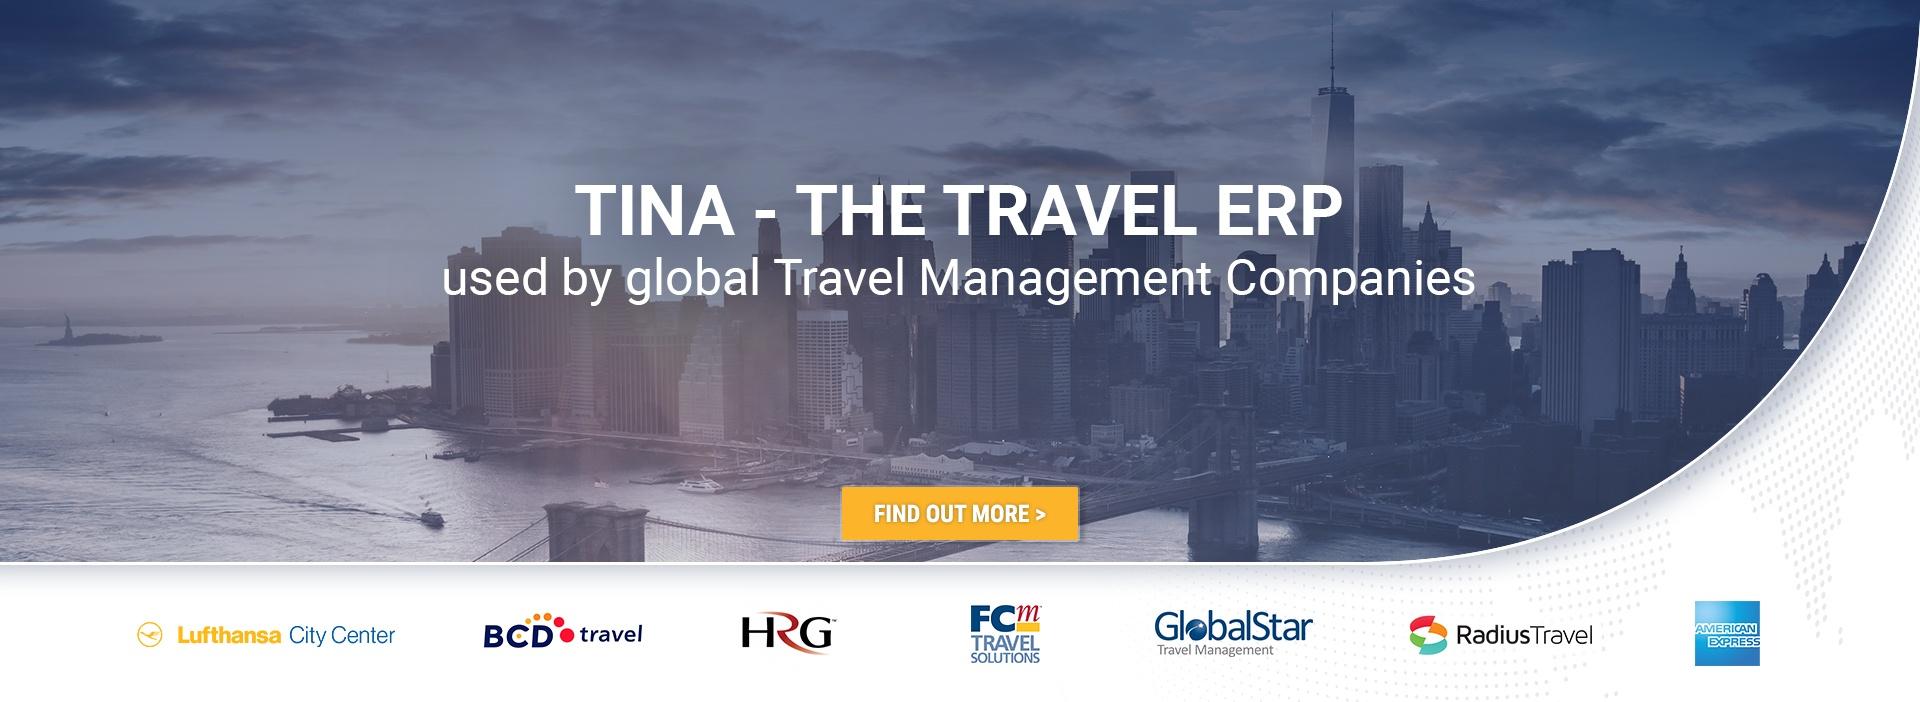 TINA-travel-ERP-for-TMC